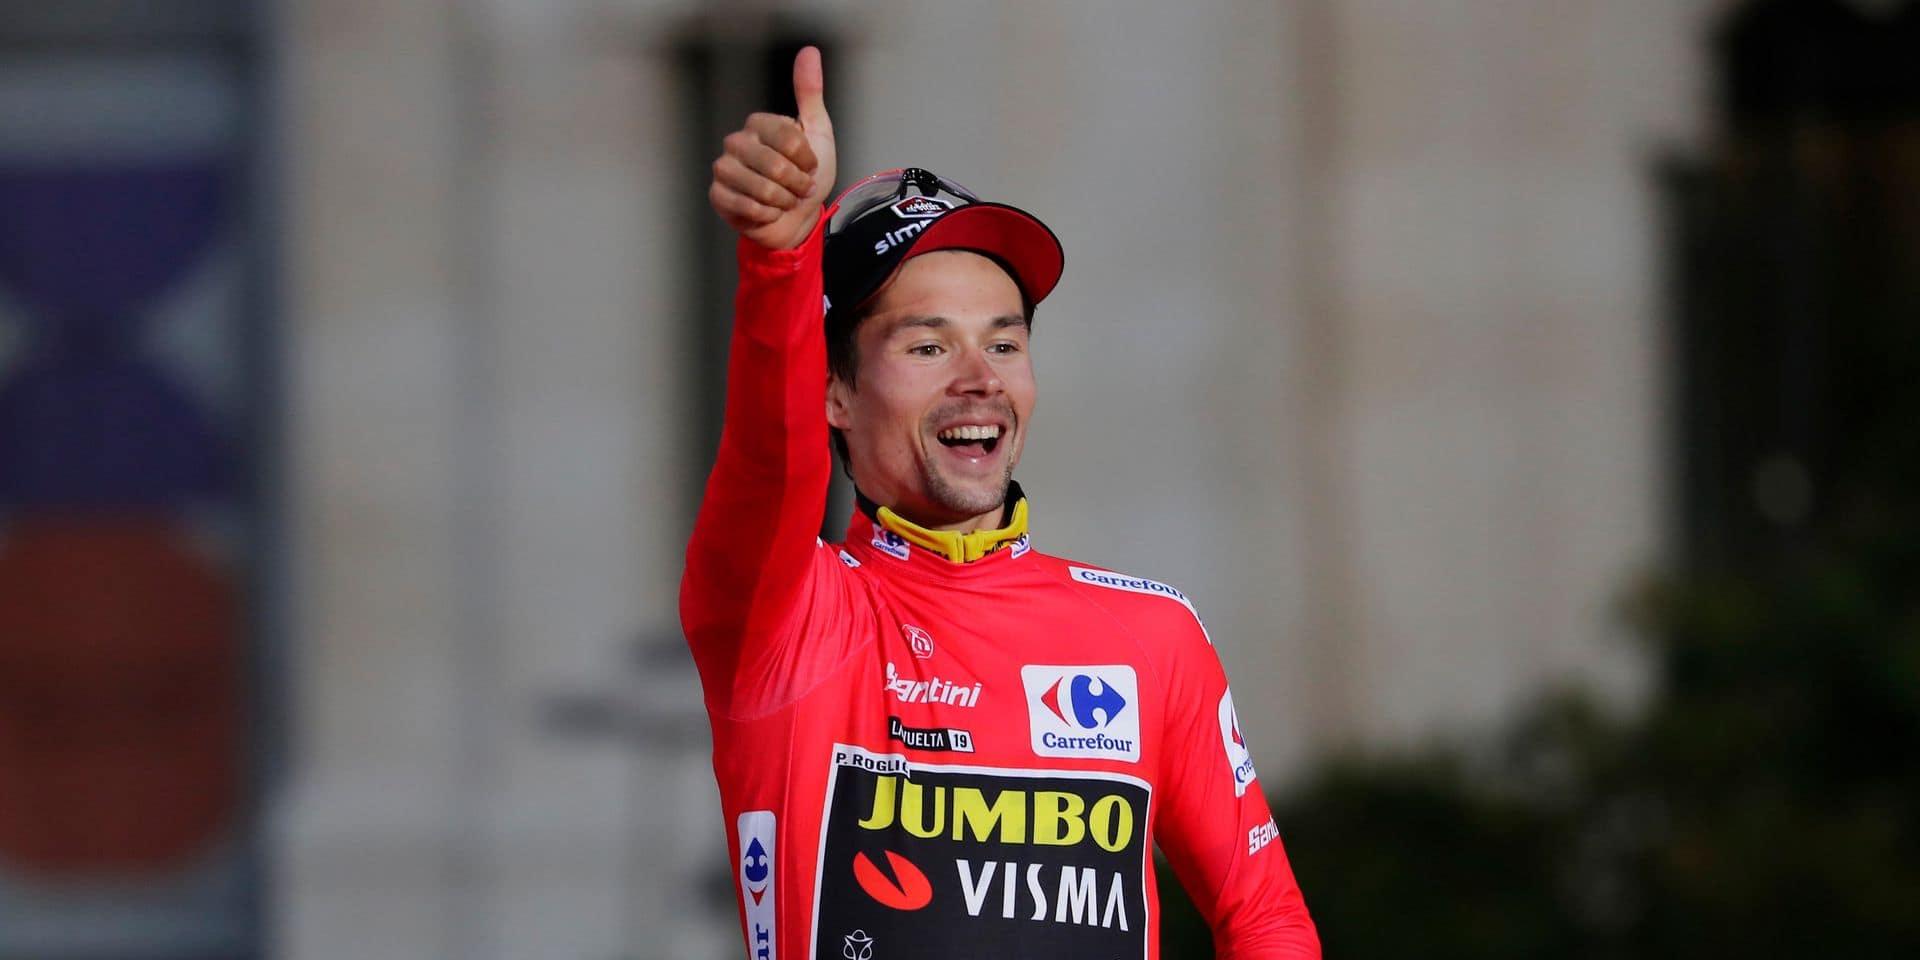 Tour de l'Ain: Primoz Roglic (Jumbo-Visma) s'impose dans la 2e étape devant Egan Bernal et devient leader